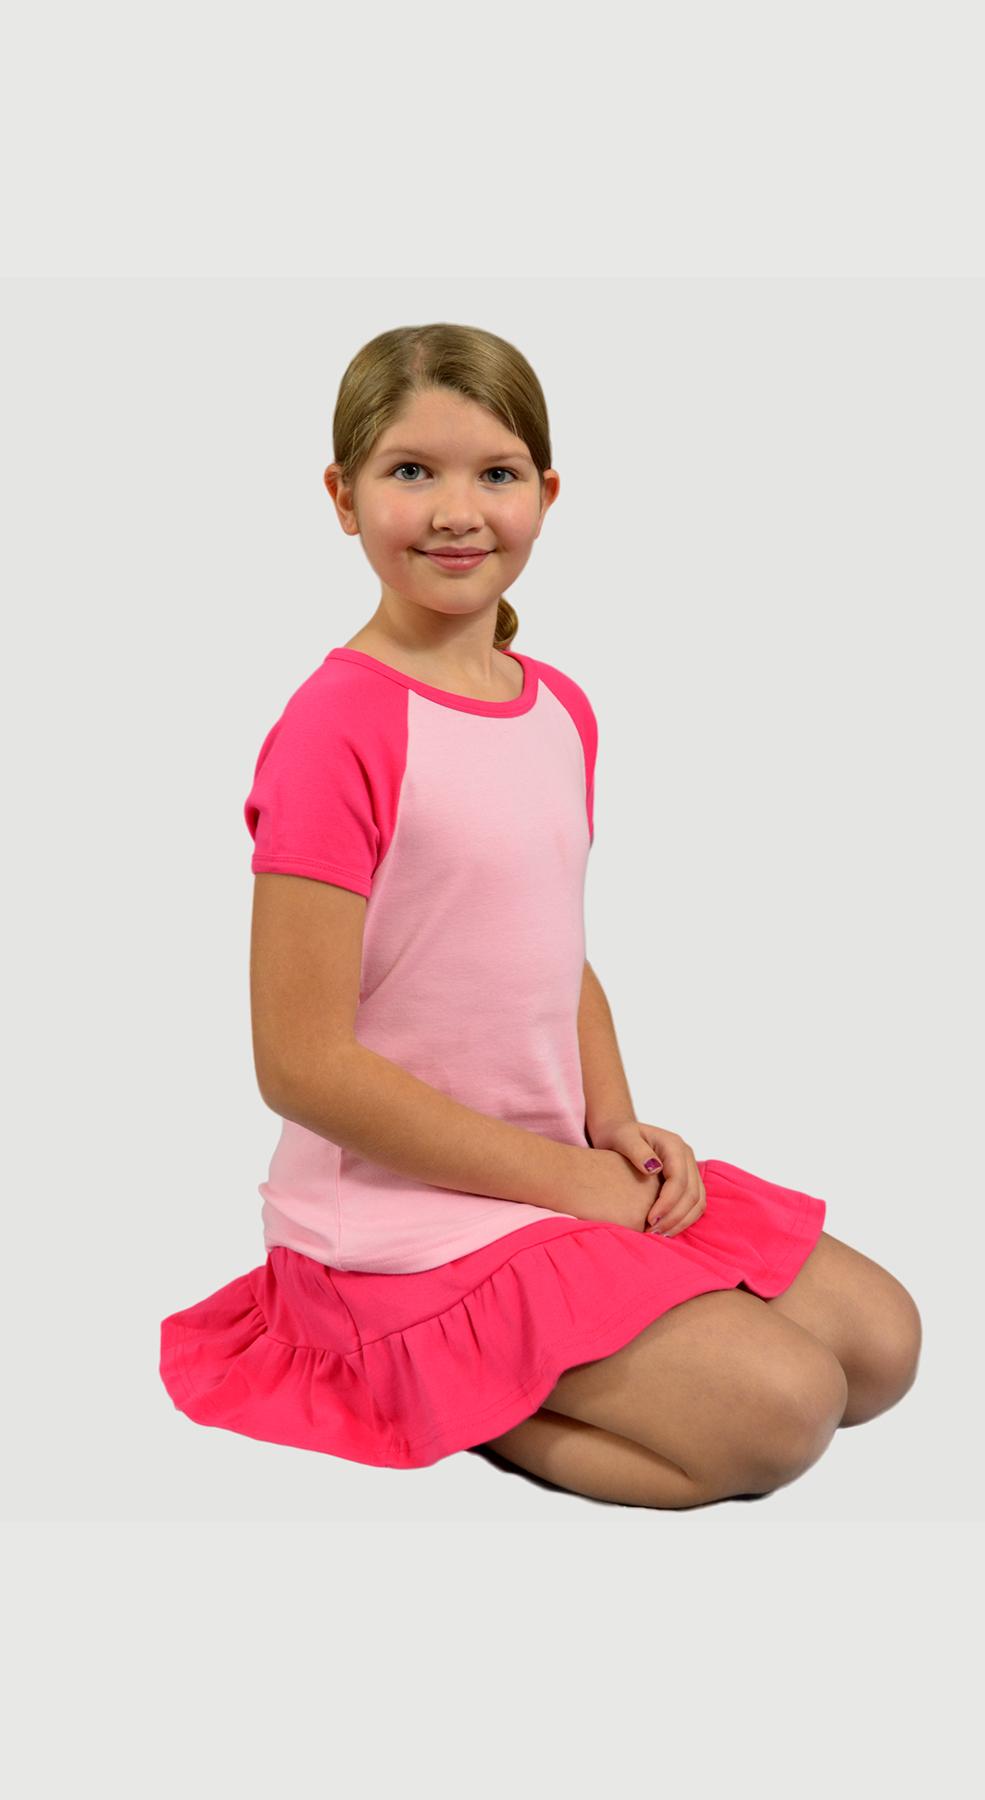 Monag 402040 - Baby Rib Short Sleeve Raglan Tee